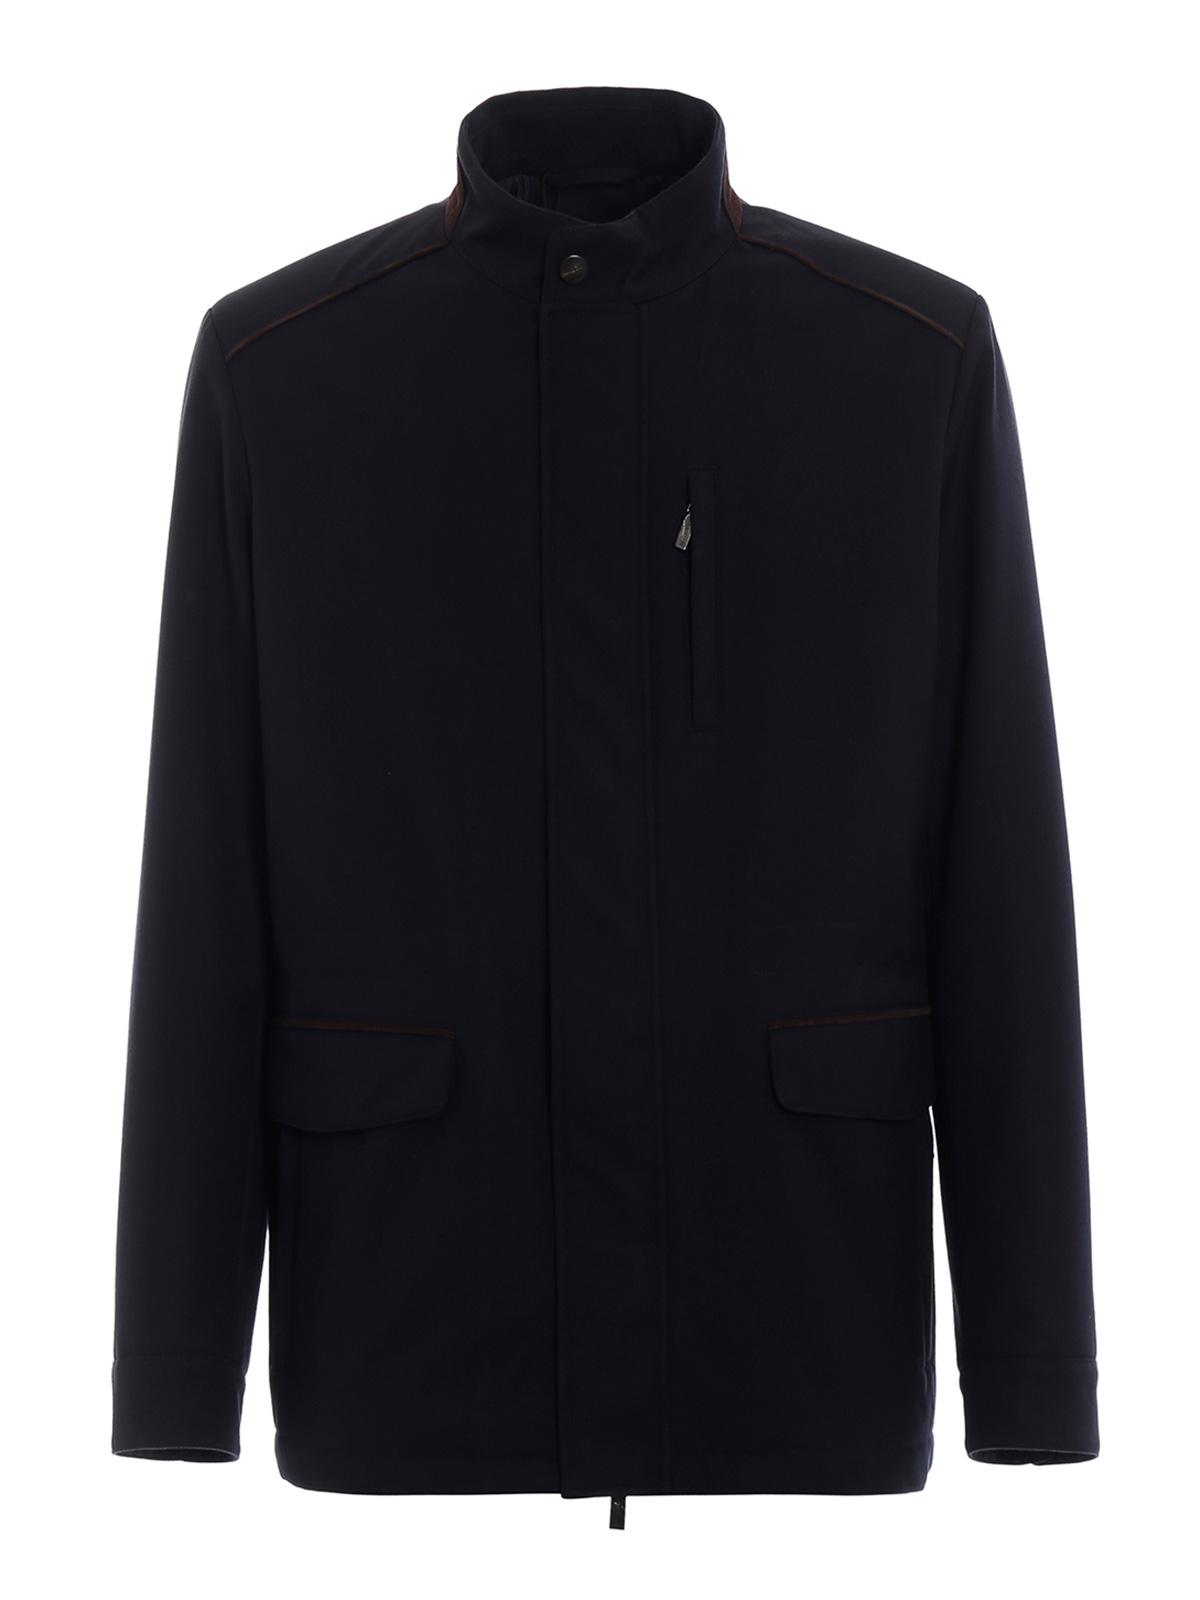 Picture of CORNELIANI | Men's Water Resistant Jacket